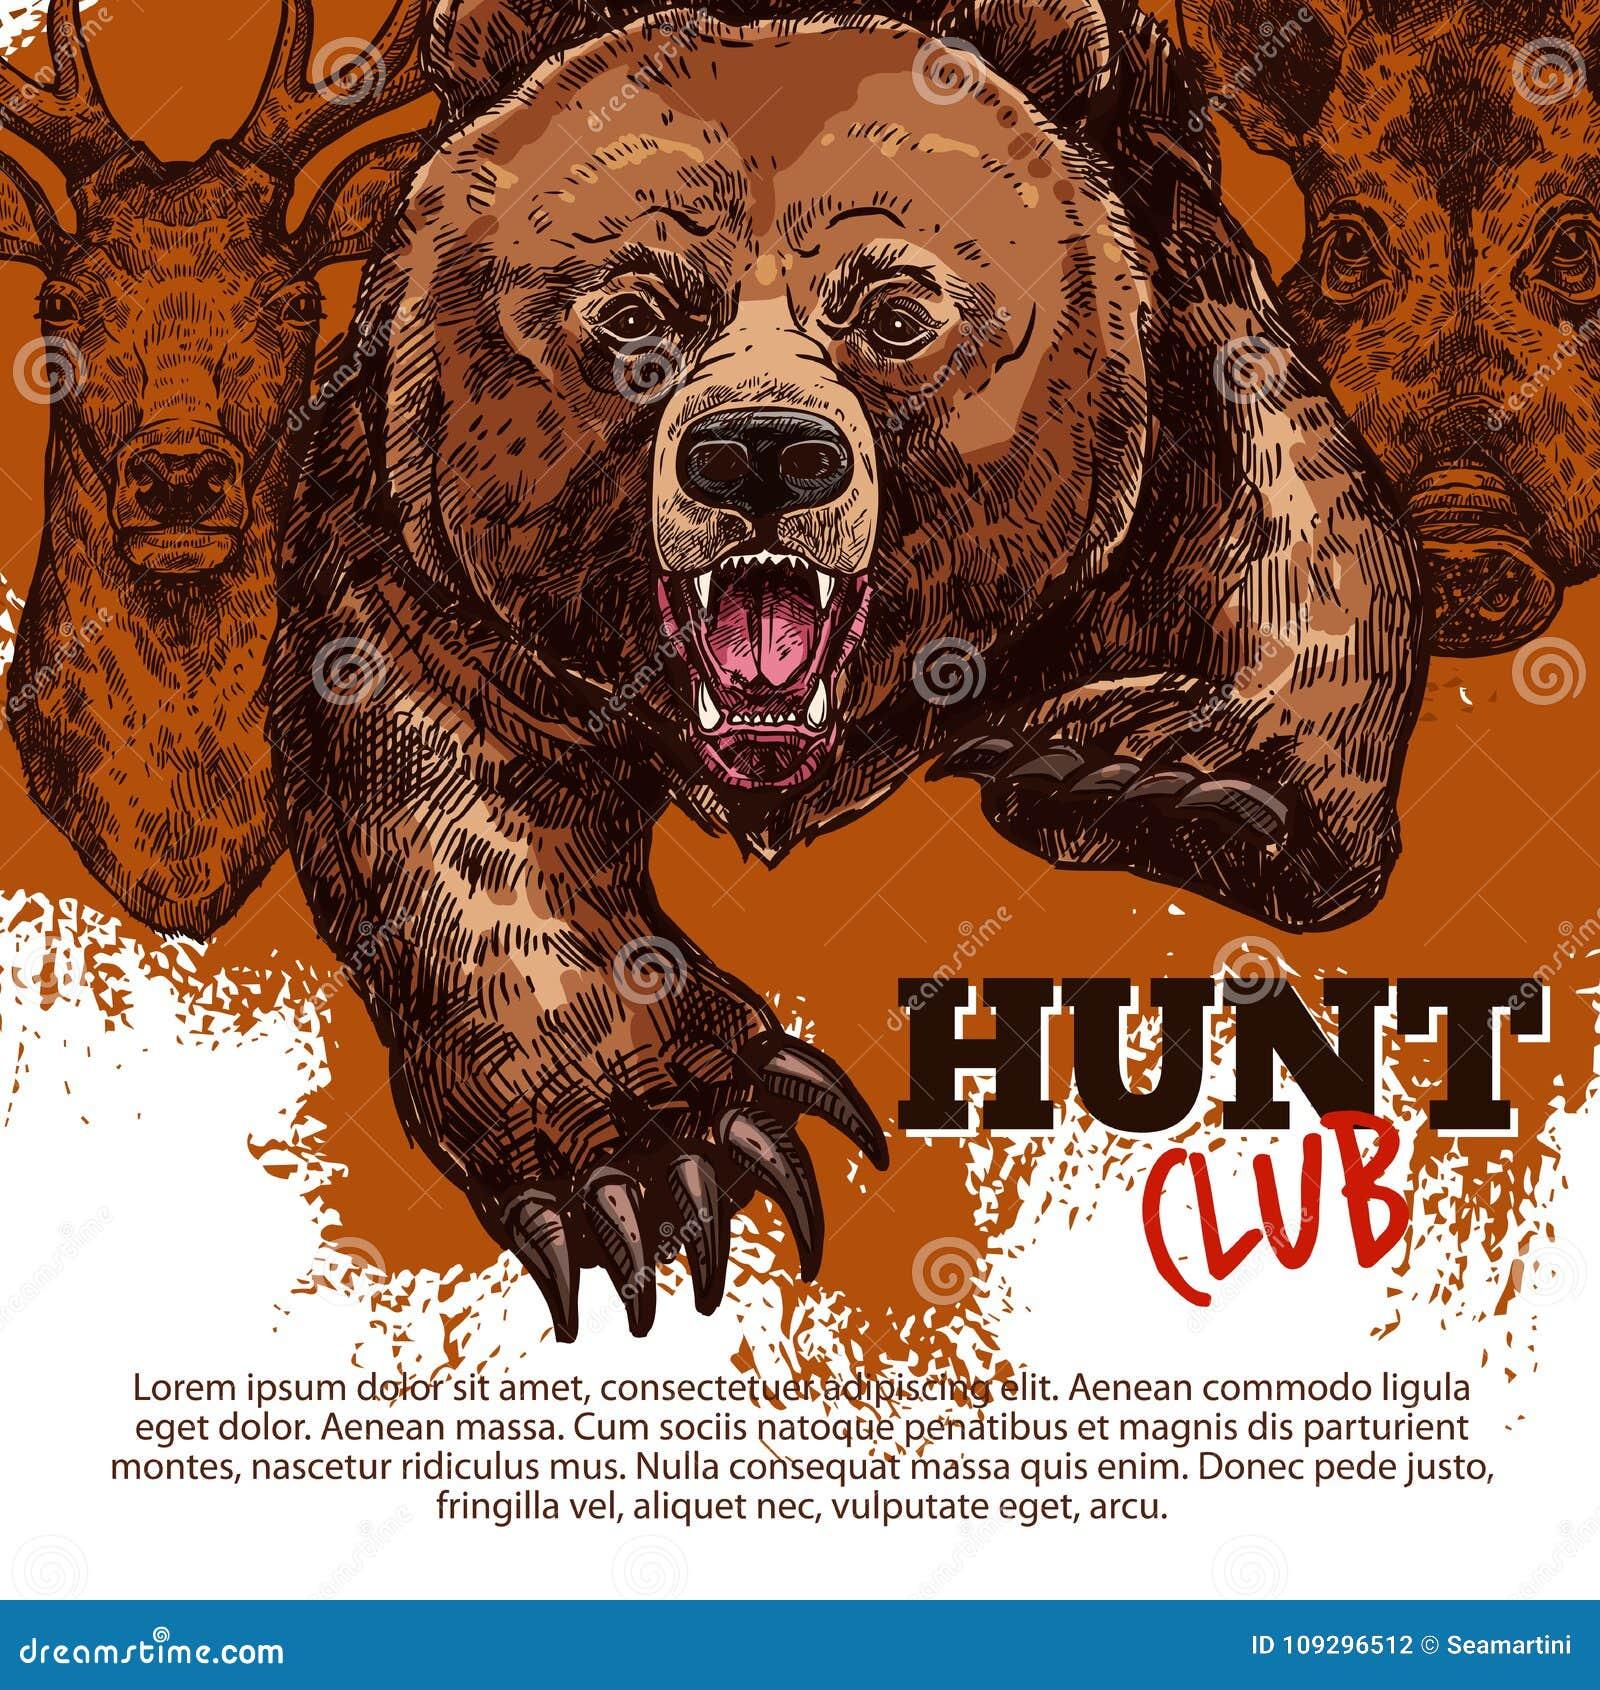 与熊,鹿,公猪动物的狩猎俱乐部海报